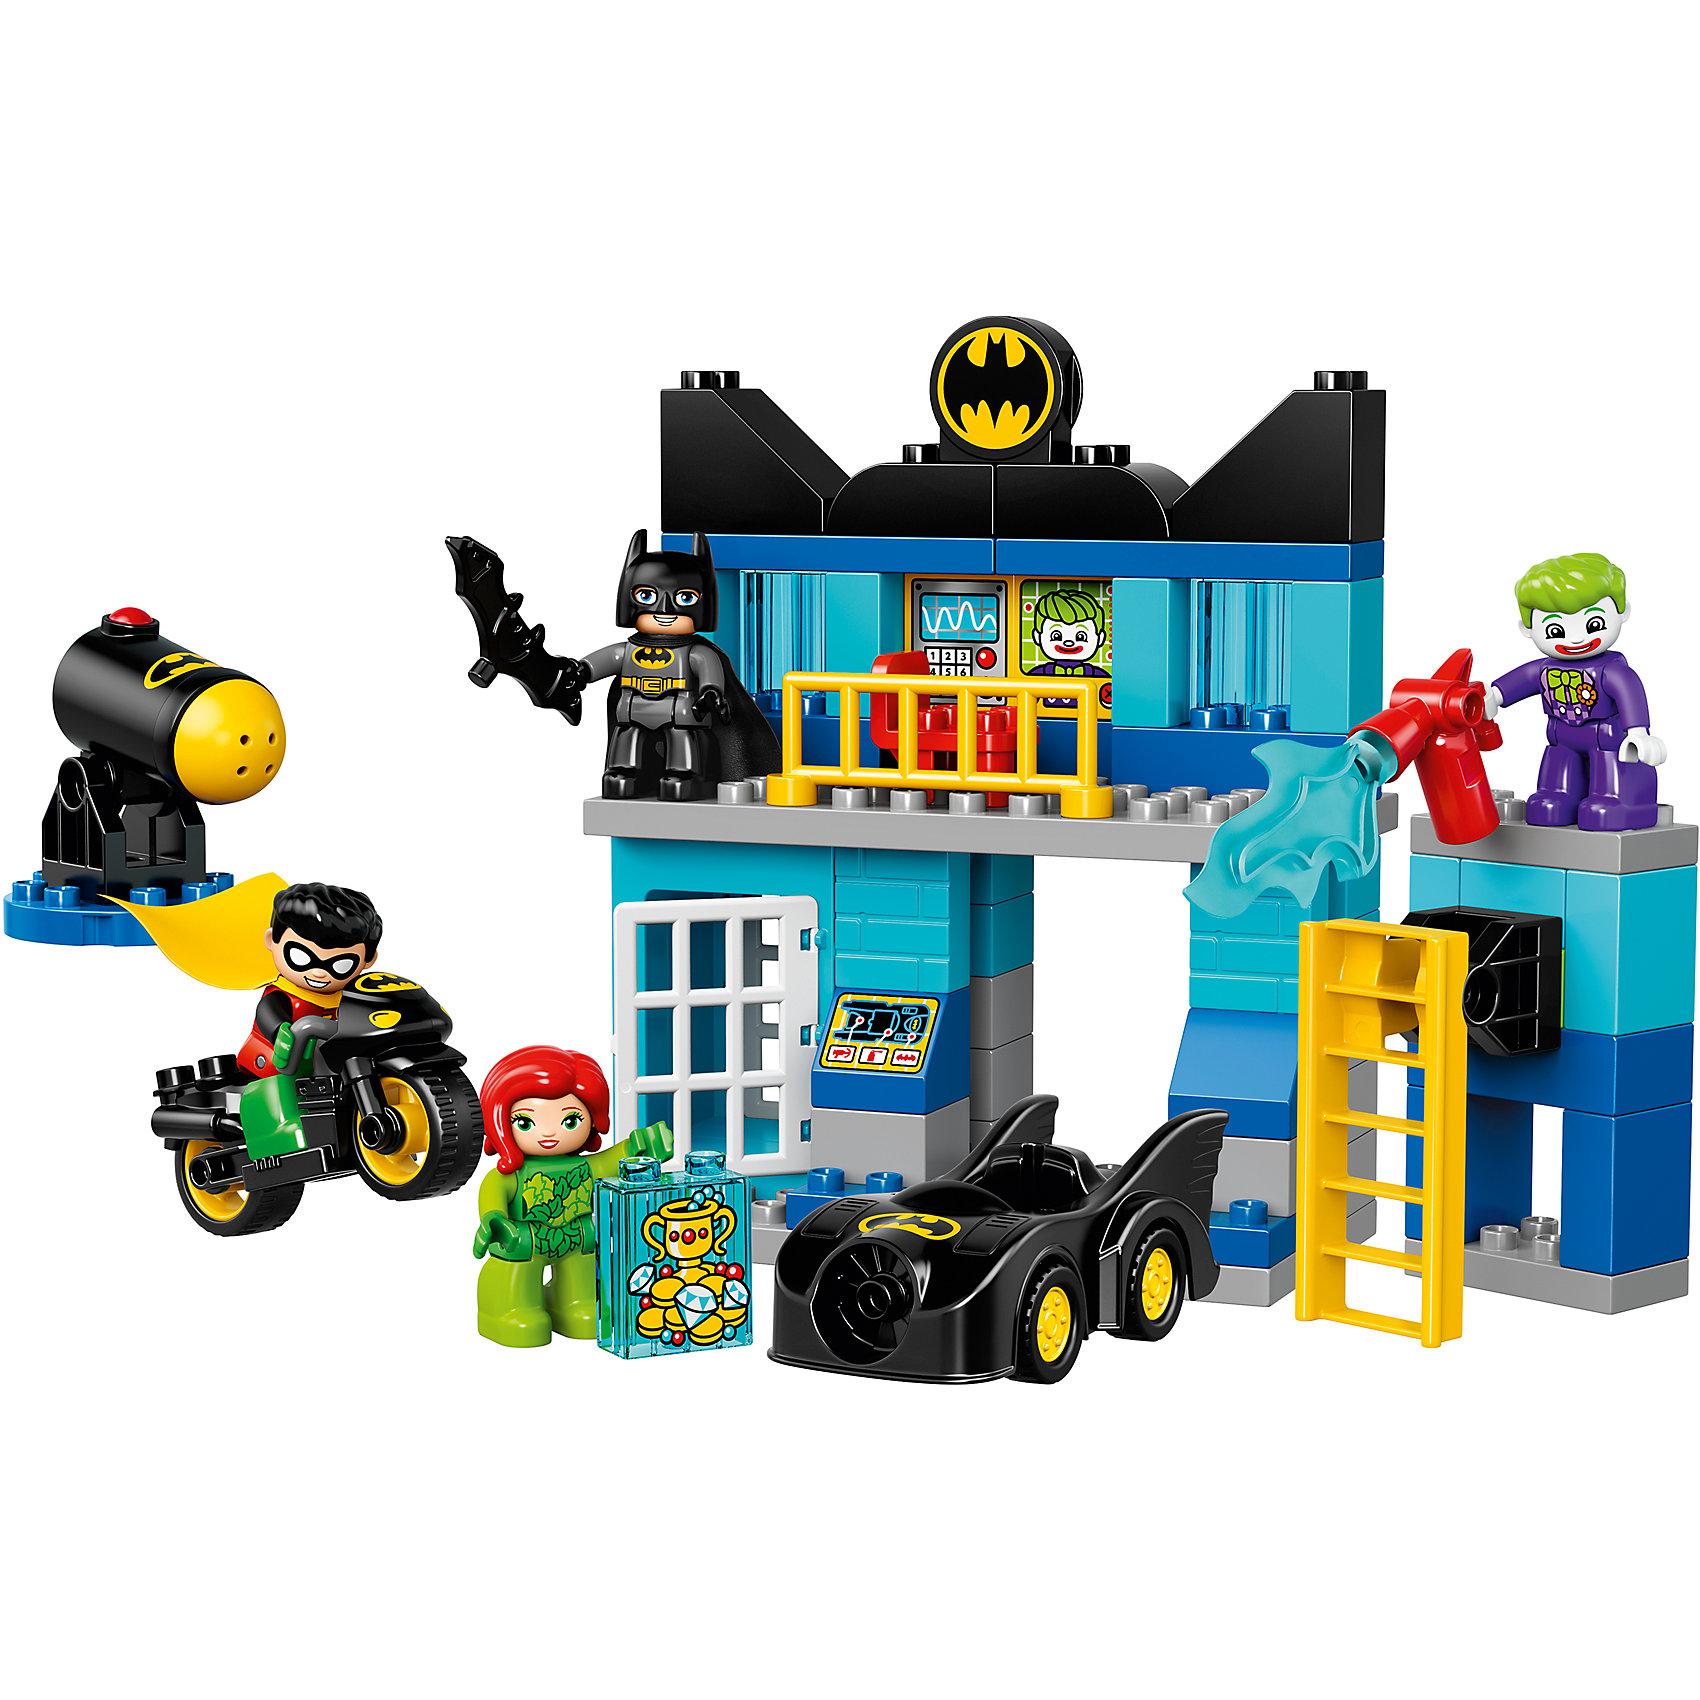 LEGO DUPLO 10842: БэтпещераLEGO DUPLO 10842: Бэтпещера<br><br>Характеристики:<br><br>- в набор входит: детали бэтпещеры, пушки, бэтмобиль, бэтмоцикл, 4 фигурки, аксессуары, красочная инструкция<br>- фигурки набора: Бэтмен, Робин, Джокер, Ядовитый Плющ<br>- состав: пластик<br>- количество деталей: 73 <br>- размер пещеры: 23 * 9 * 19 см.<br>- размер бэтмобиля: 12 * 4 * 5 см.<br>- размер бэтмоцикла: 9 * 4 * 5 см.<br>- для детей в возрасте: от 2 до 5 лет<br>- Страна производитель: Дания/Китай/Чехия<br><br>Легендарный конструктор LEGO (ЛЕГО) представляет серию «DUPLO» (Д?пло) для самых маленьких строителей ЛЕГО от 2-х лет. Кубики этой серии в два раза больше обычных, так же как и фигурки. Серия позволяет ребёнку самостоятельно собирать наборы легкие в постройке и сосредоточенные на ситуациях из повседневной жизни, профессиях и любимых героях из мультфильмов. Этот набор посвящен юным фанатам мультфильмов о Бэтмене. Здесь вы найдете все необходимое для отличной игры. Фигурка Бэтмена отлично детализирована, он представлен в черном бэткостюме с черной маской и черным плащом из мягкого безопасного пластика. С ним его компаньон, Робин, тоже с плащом и в супергеройком костюме. Двухэтажная бэтпещера оснащена ультрасовременным компьютером для поиска злодея Джокера, Бэтмен сидит на вращающемся стуле и анализирует ситуацию. На первом этаже расположена бэттюрьма для преступников и пушка стреляющая снарядами. Бэтмен получил сингал о местонахождении двух преступников, он сел в свой бэтмобиль, а Робин решил поехать на бэтмоцикле. Вместе они настигли Джокера и Ядовитого Плюща за ограблением ювелирного магазина. Злодей джокер вооружен. Смогут ли они остановить преступников? Все фигурки набора могут двигать руками, головой и принимать сидячее положение. Детали набора легко собираются и в них можно играть почти сразу. Играя с конструктором ребенок развивает моторику рук, воображение и логическое мышление. Придумывайте новые игры с набором LEGO «DUPLO»!<br><br>Конструктор LEGO DUPLO 10842: 